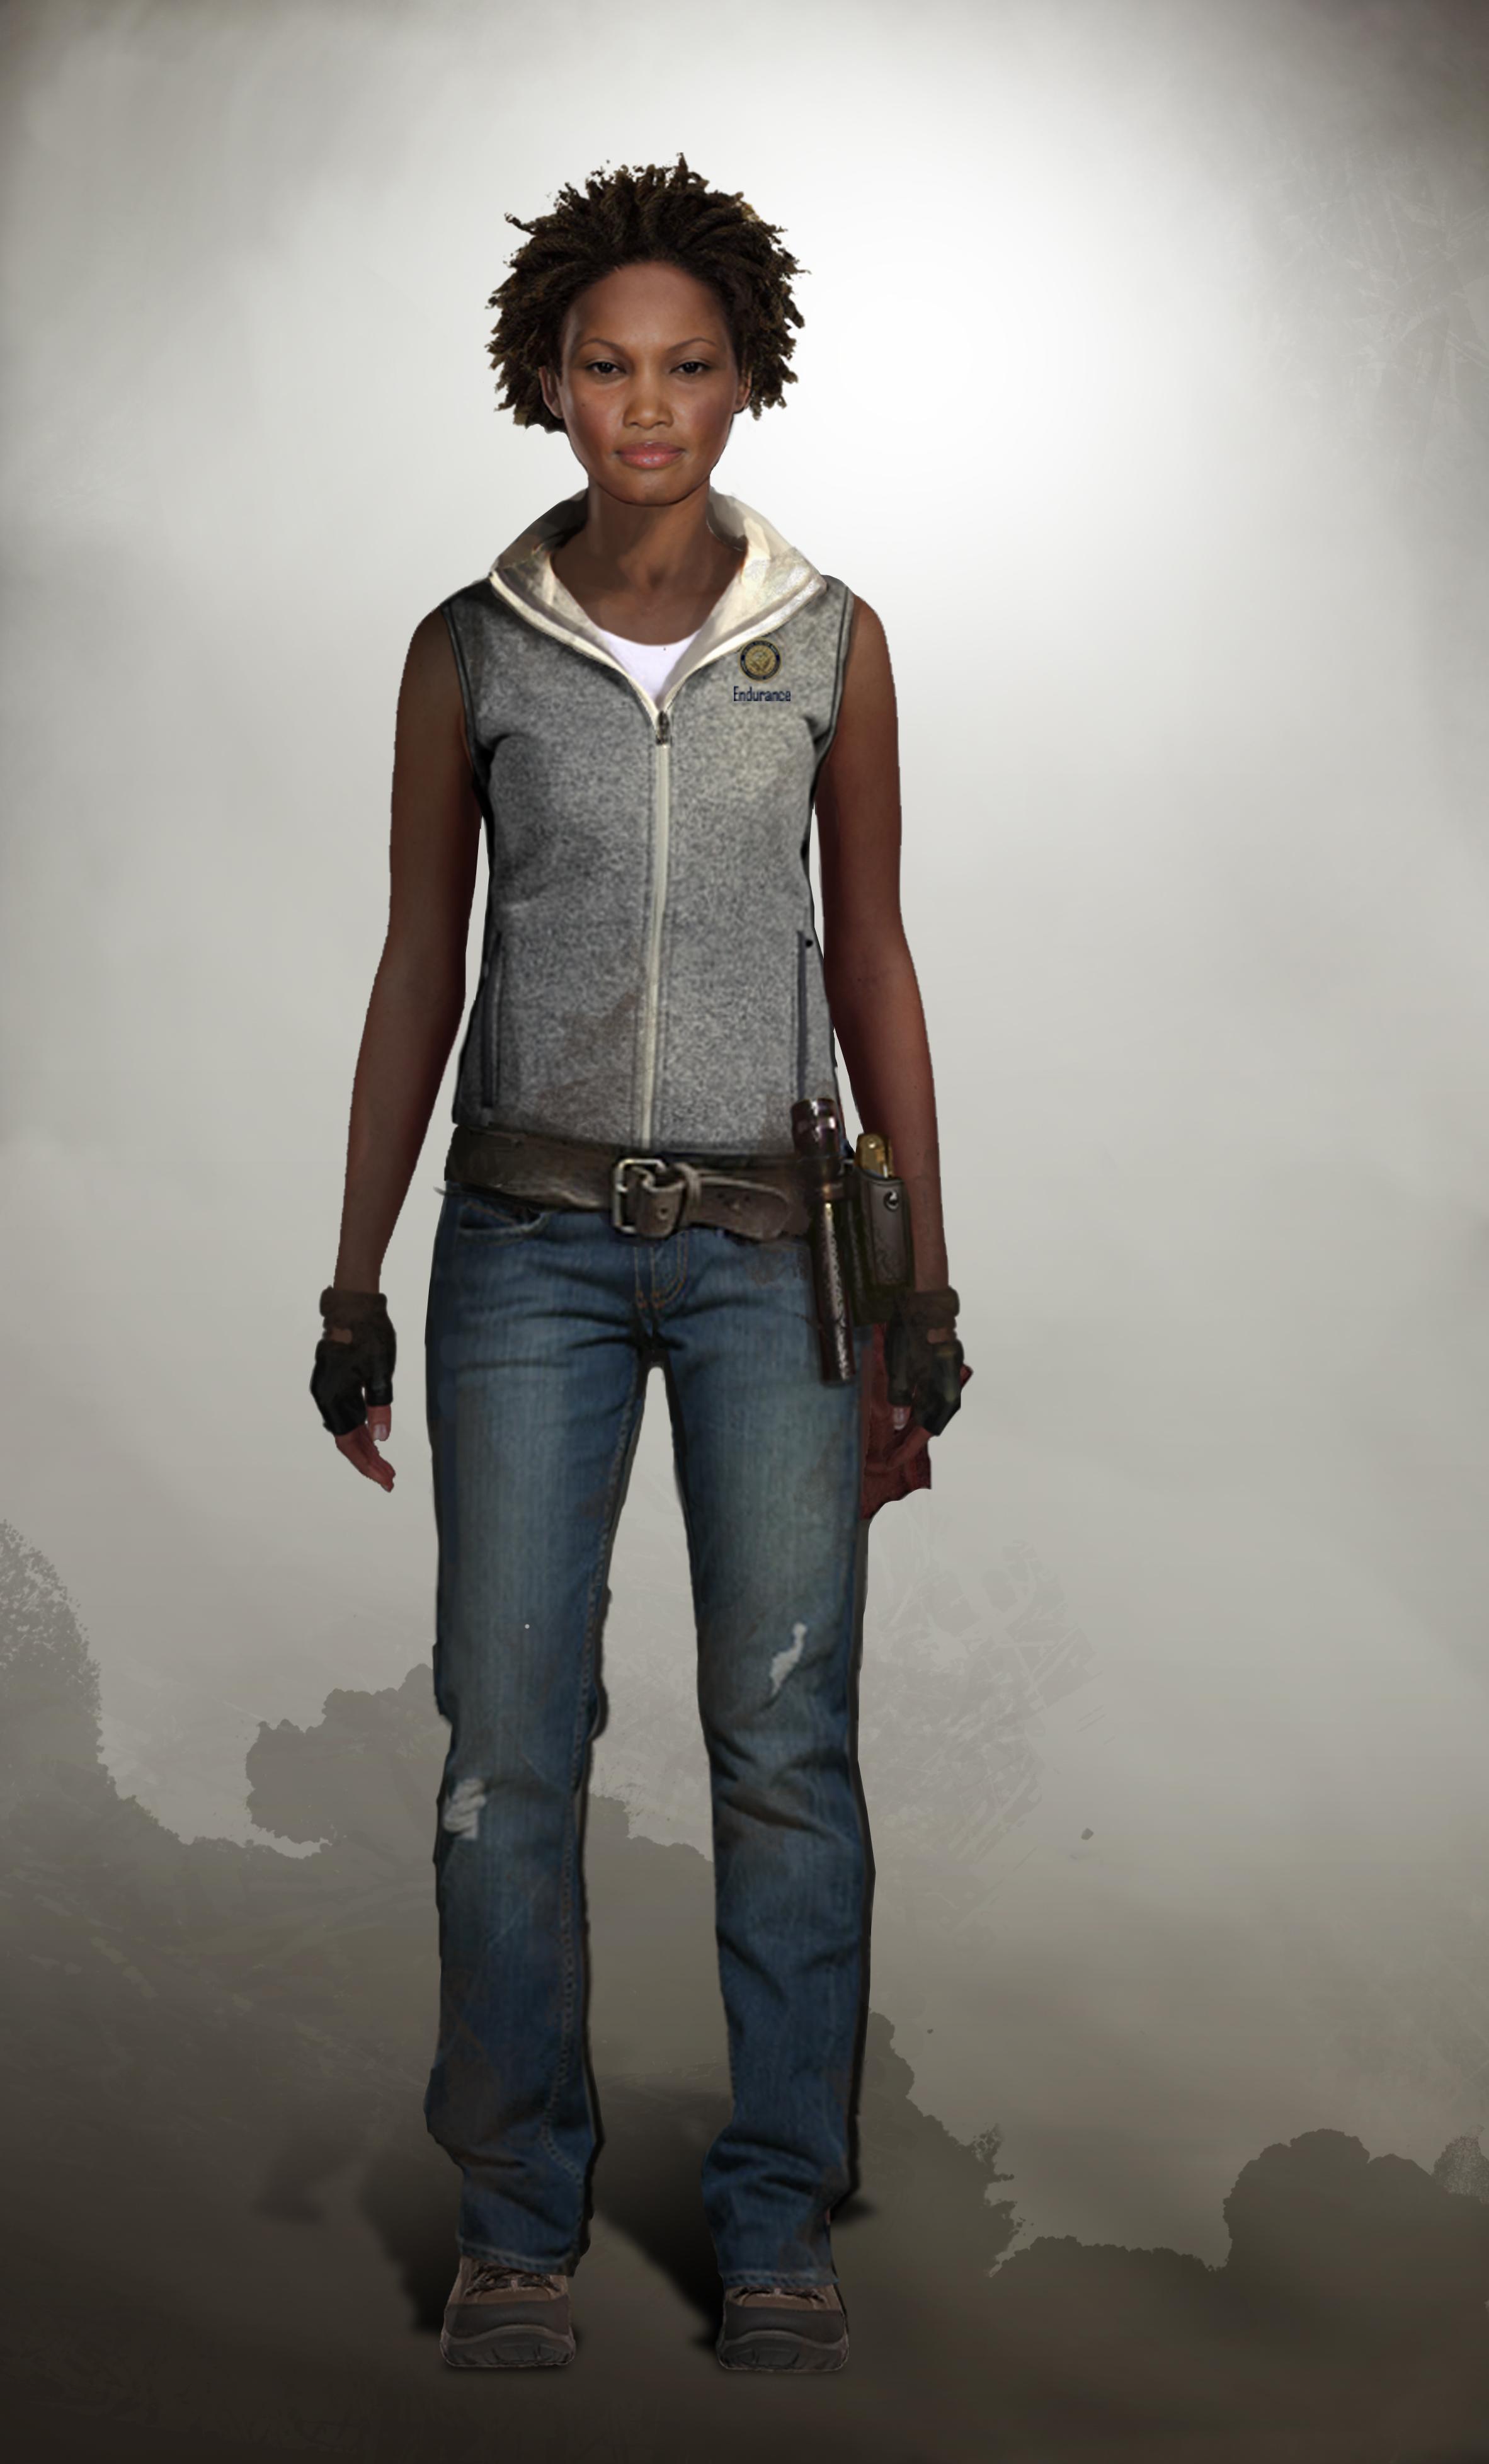 Tomb Raider Concept Art персонажи 2